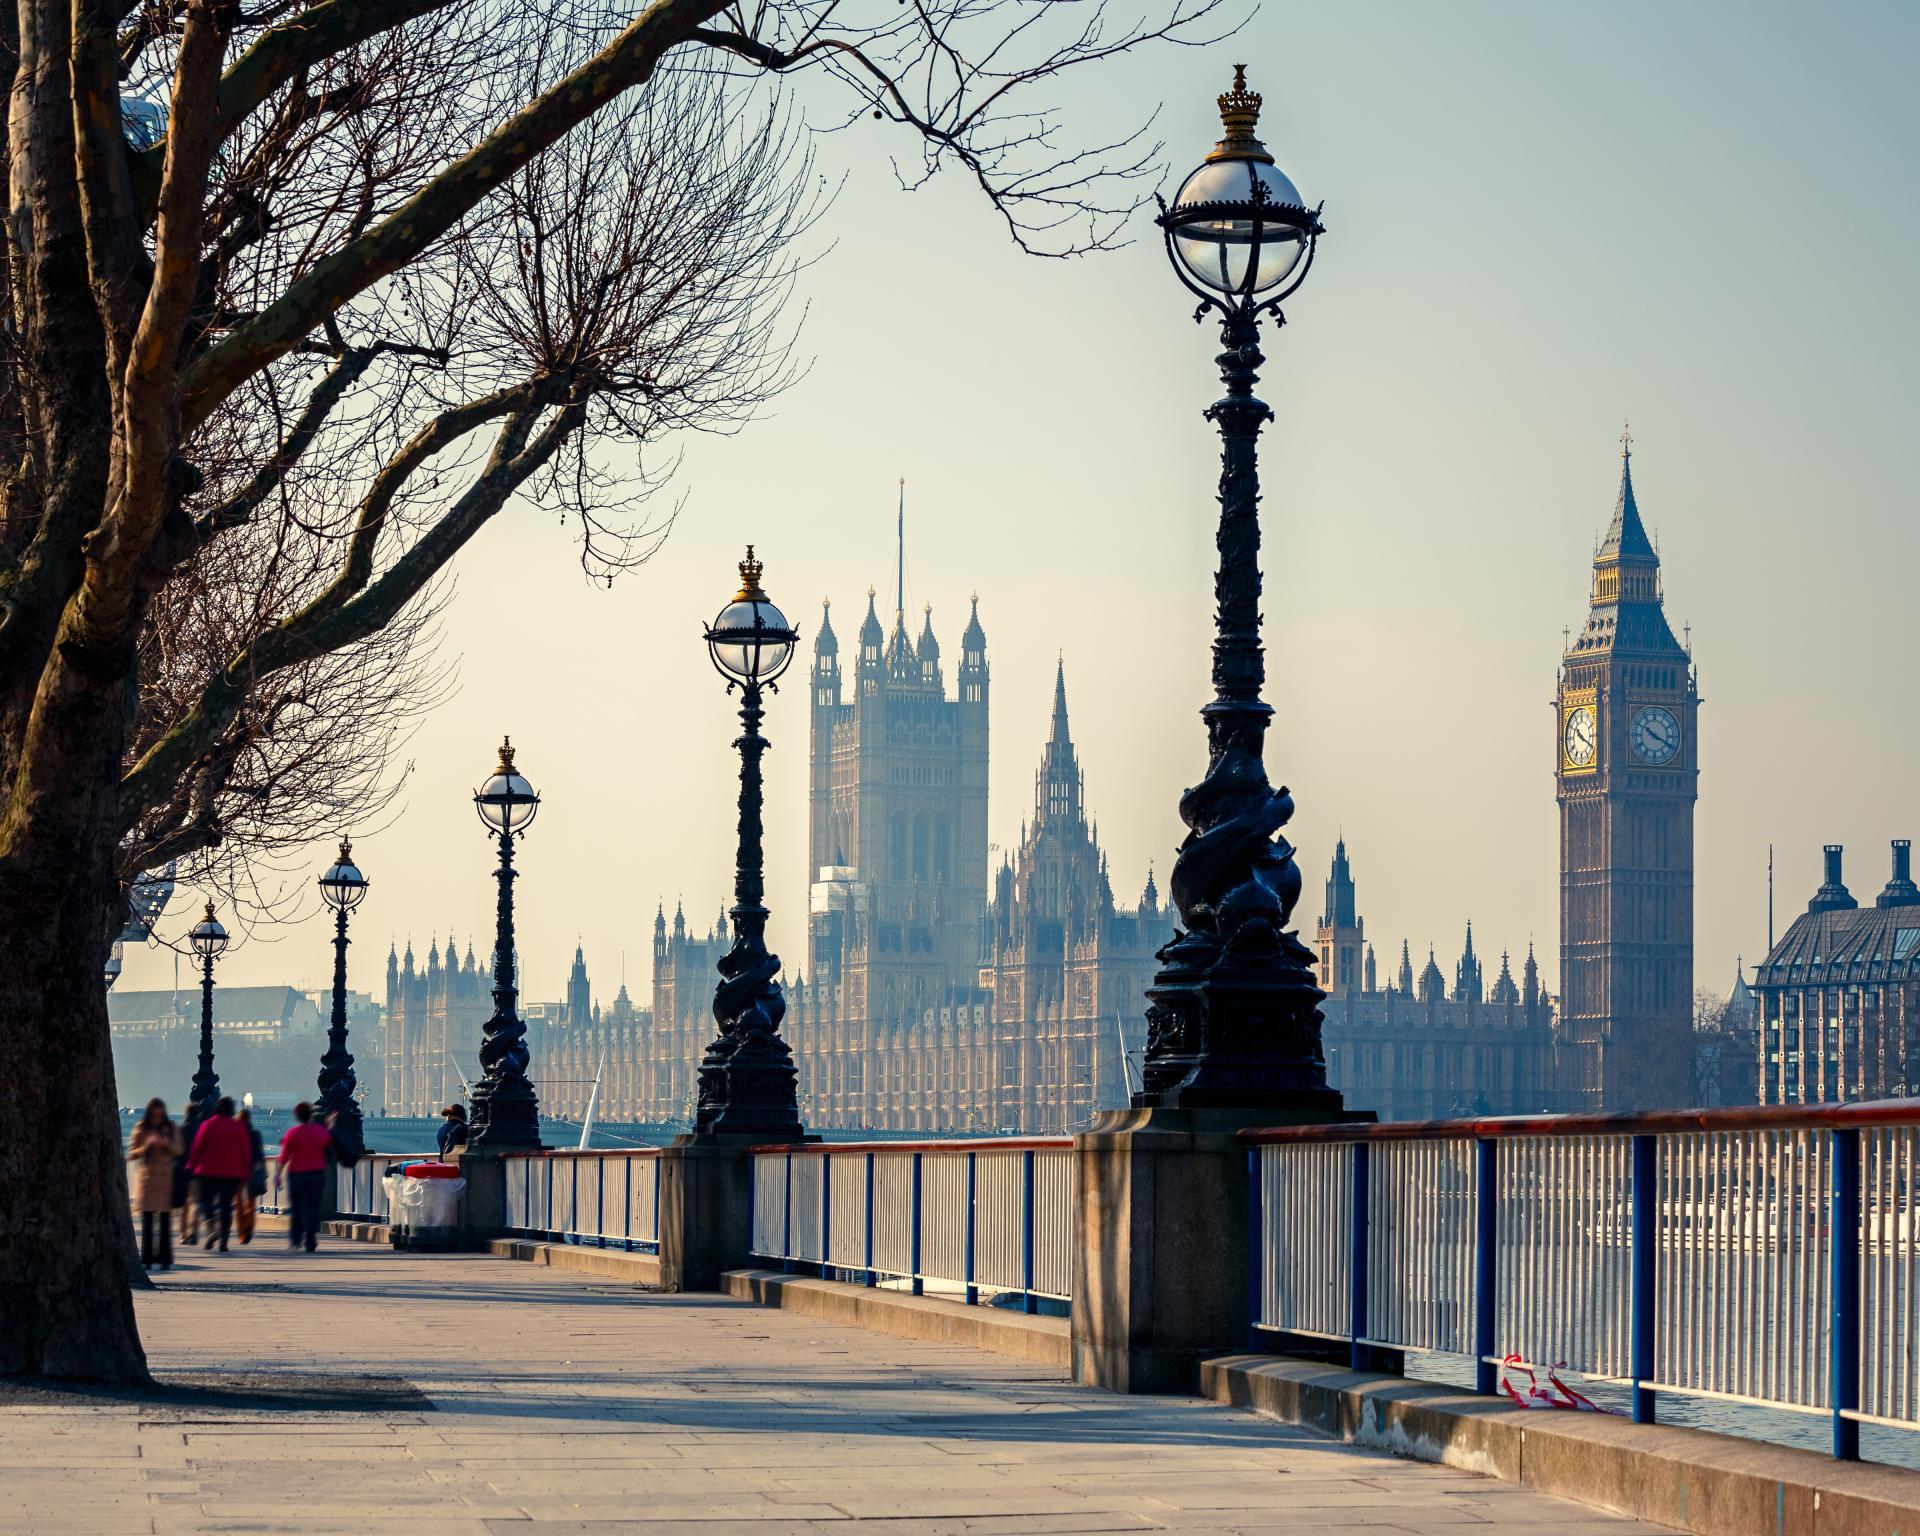 El Big Ben: la famosa torre del reloj de Londres